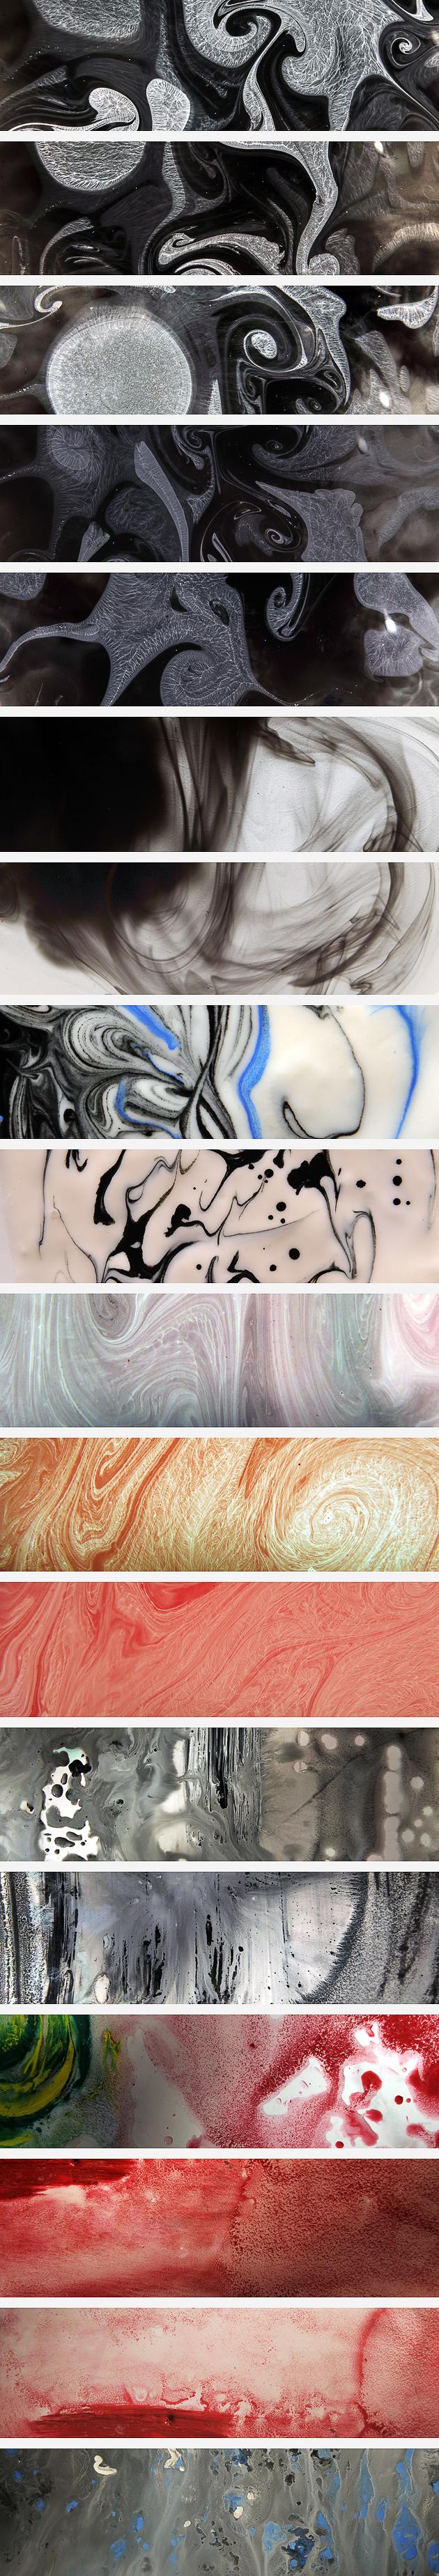 designtnt-textures-liquid-large